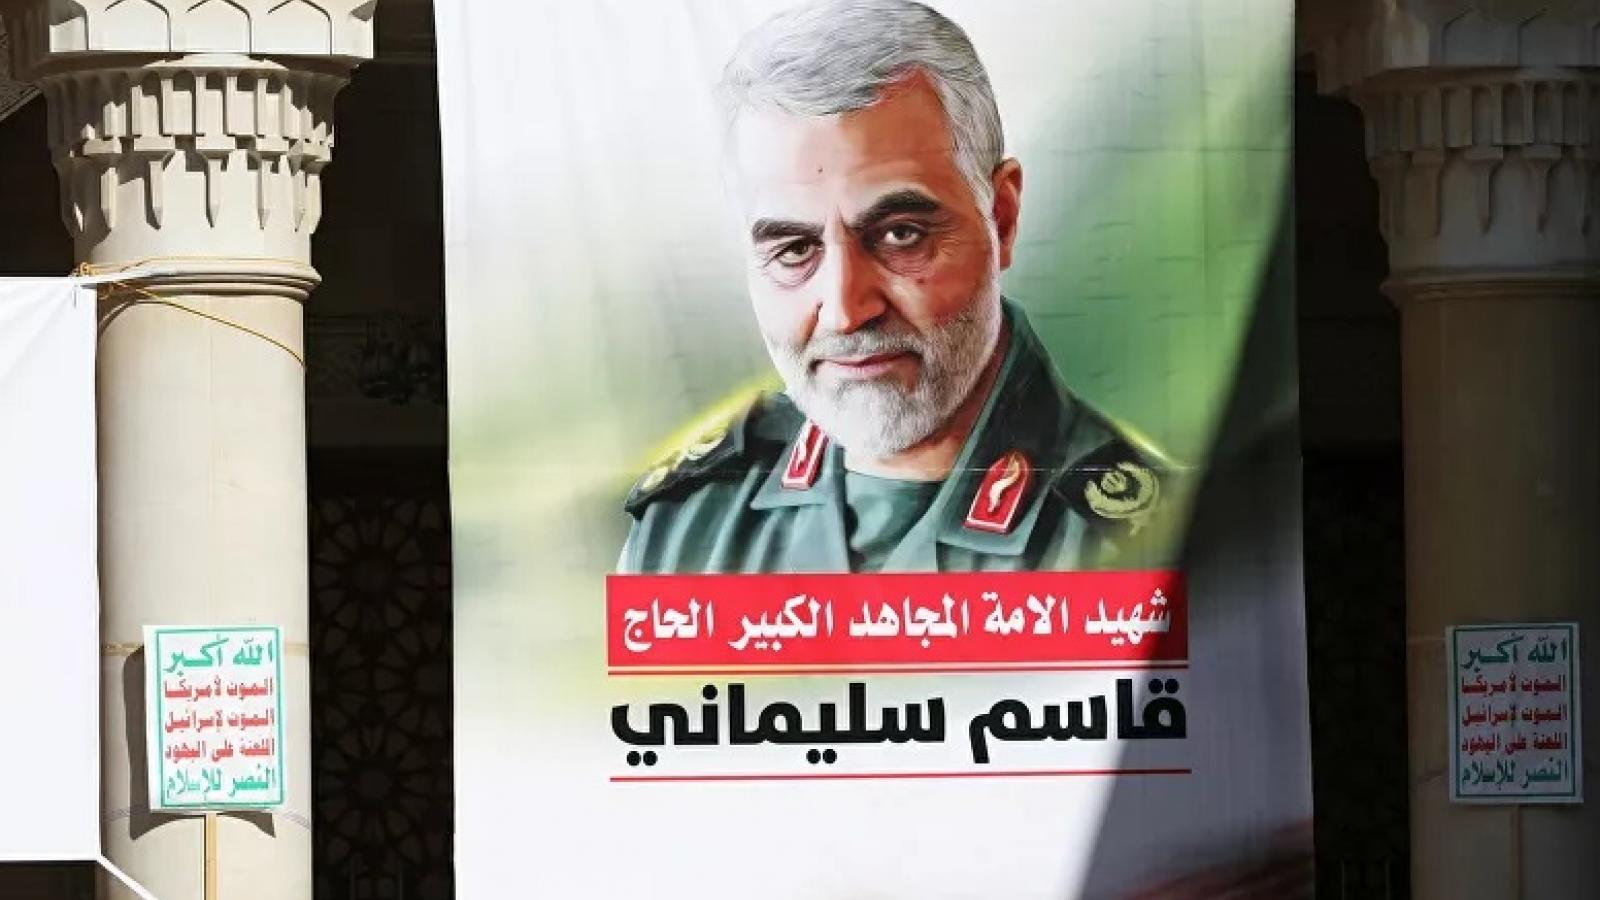 """Iran vẫn tức giận vụ tướng Soleimani bị ám sát và muốn """"đuổi"""" Mỹ khỏi Iraq, Syria"""